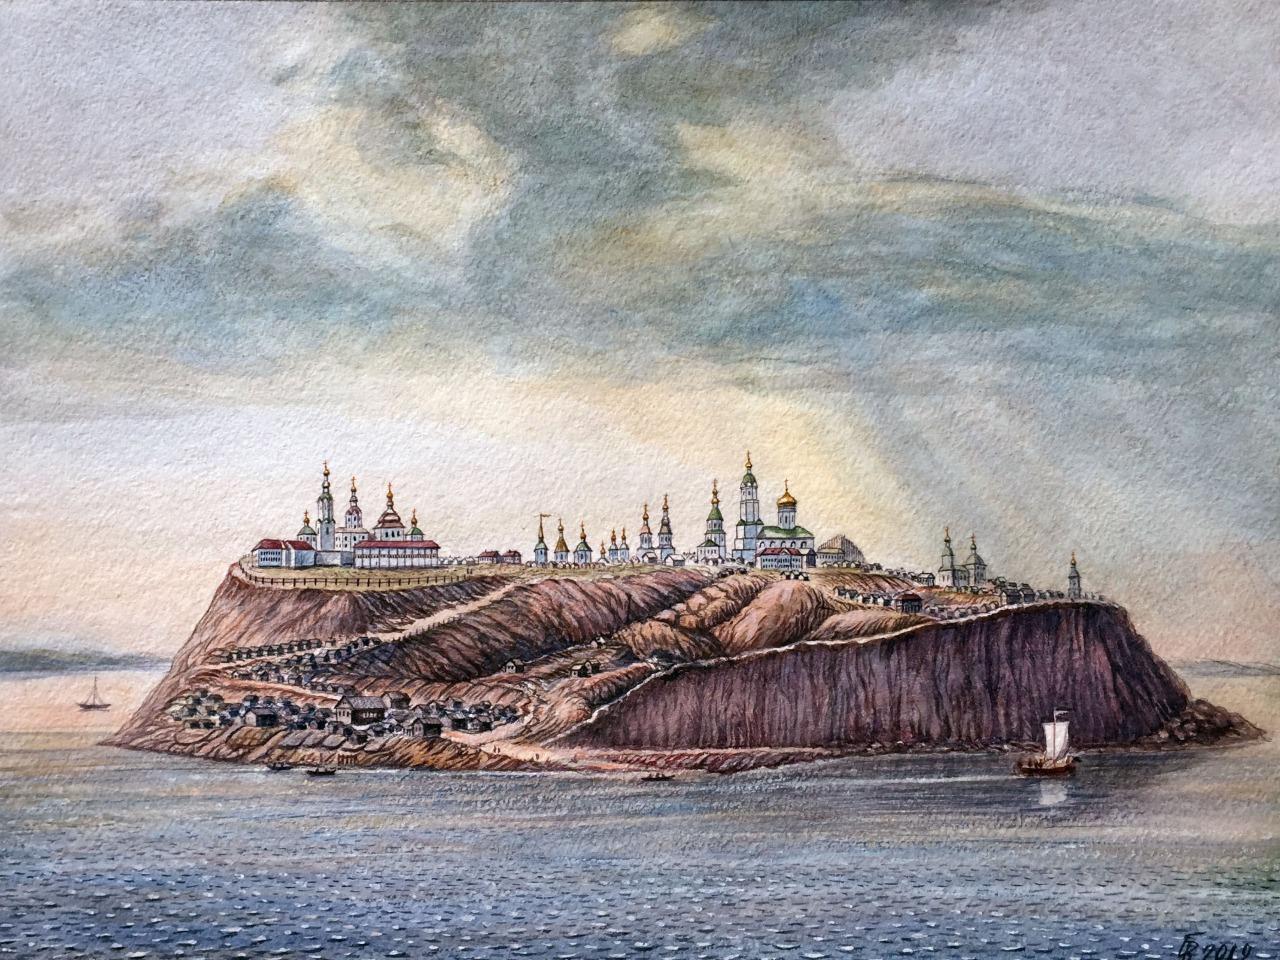 Сказ об острове Буяне (Свияжск) - индивидуальная экскурсия в Казани от опытного гида